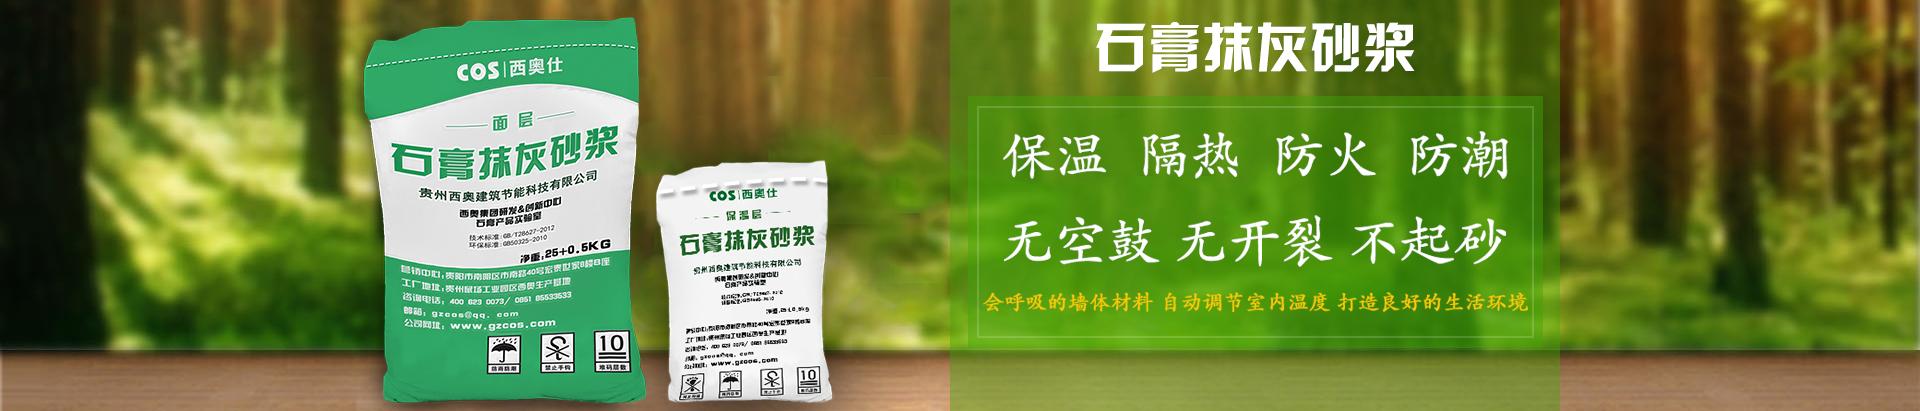 贵州西奥涂装技术工程有限公司